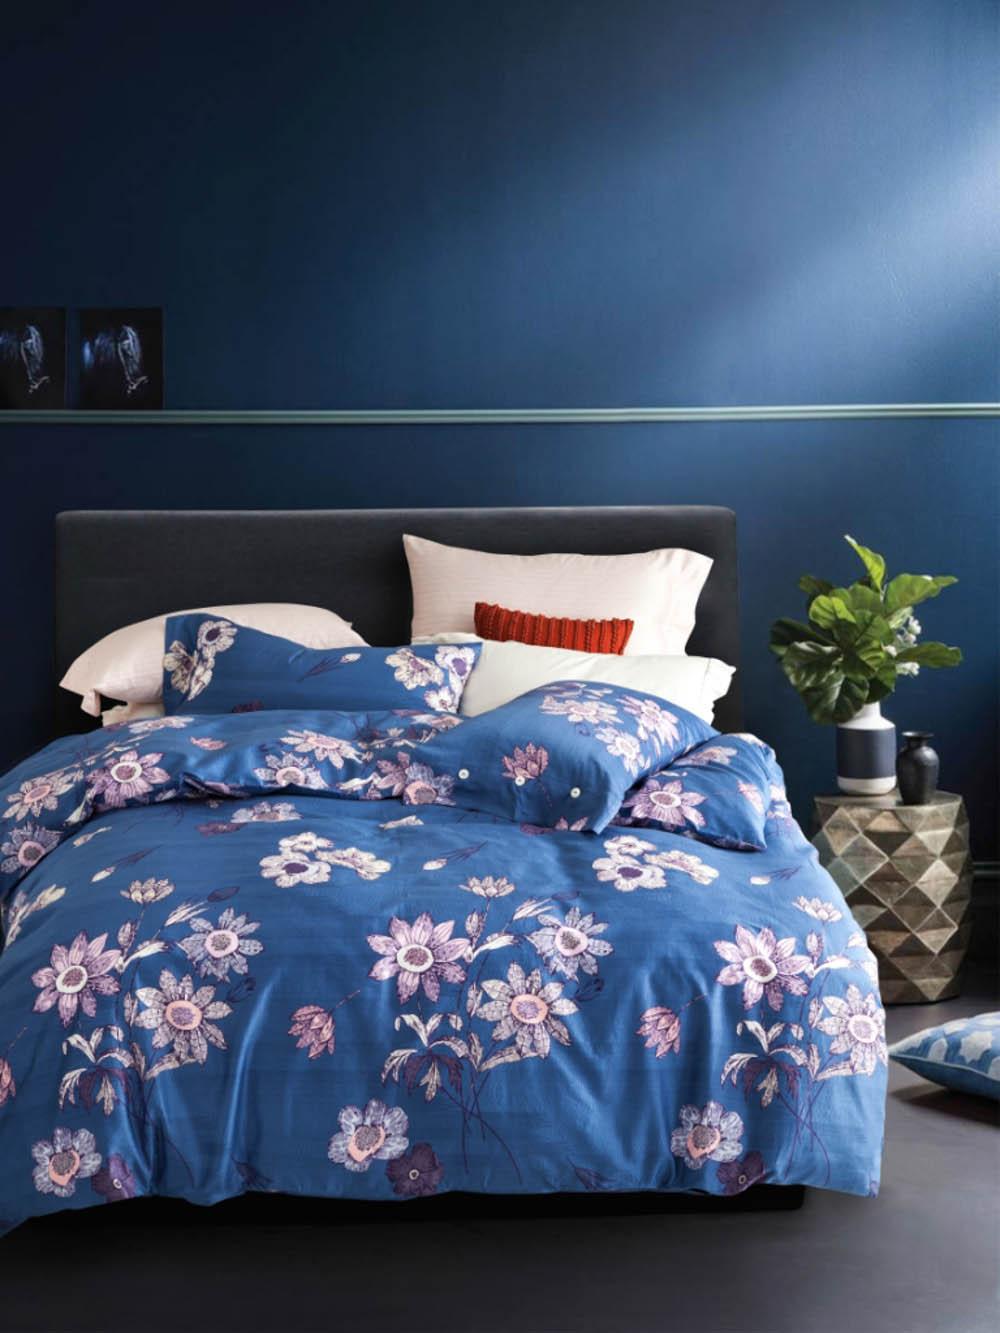 Купить Комплекты постельного белья Famille, Постельное белье Paige (2 сп. евро), Китай, Розовый, Синий, Хлопковый сатин